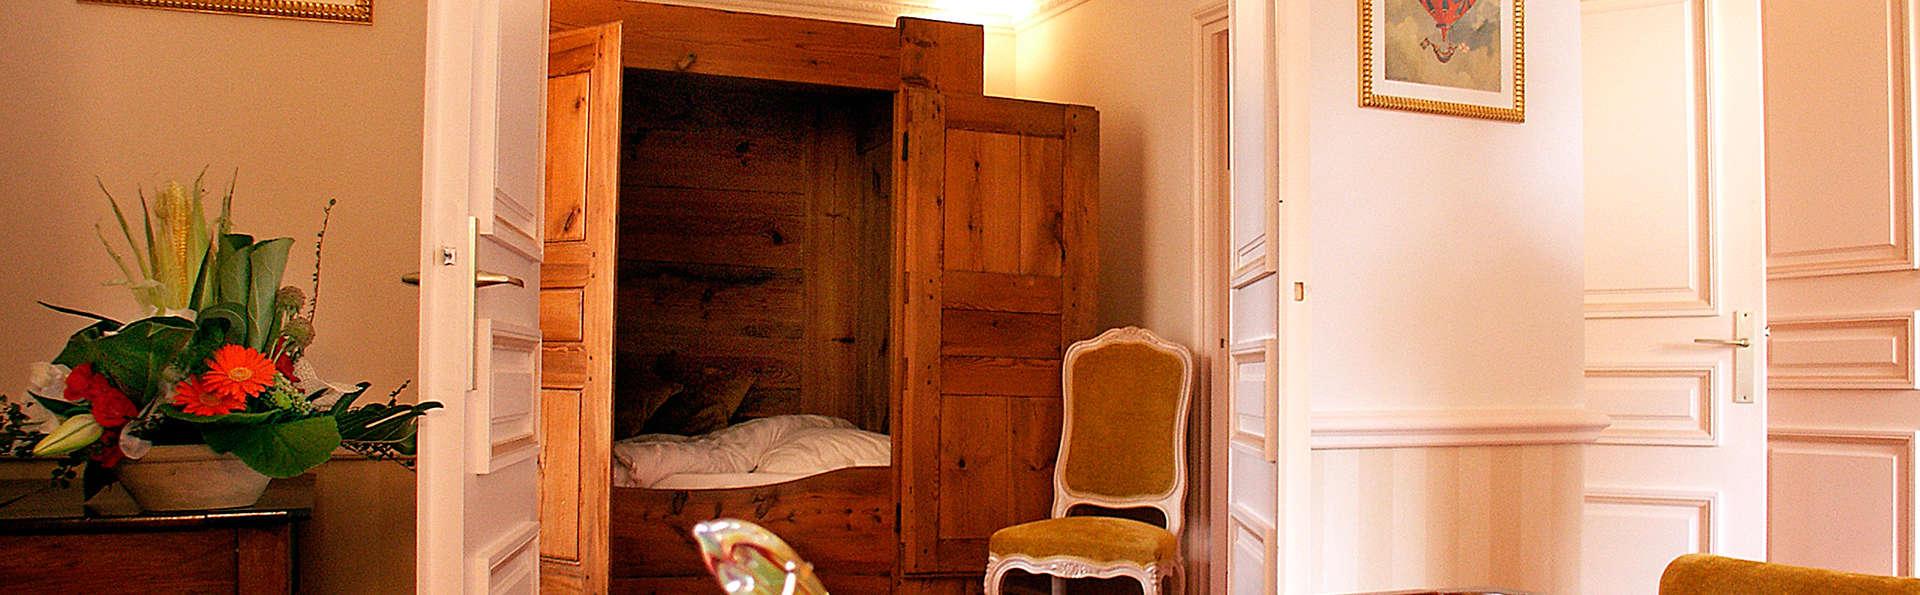 Château des Comtes de Challes - EDIT_room6.jpg